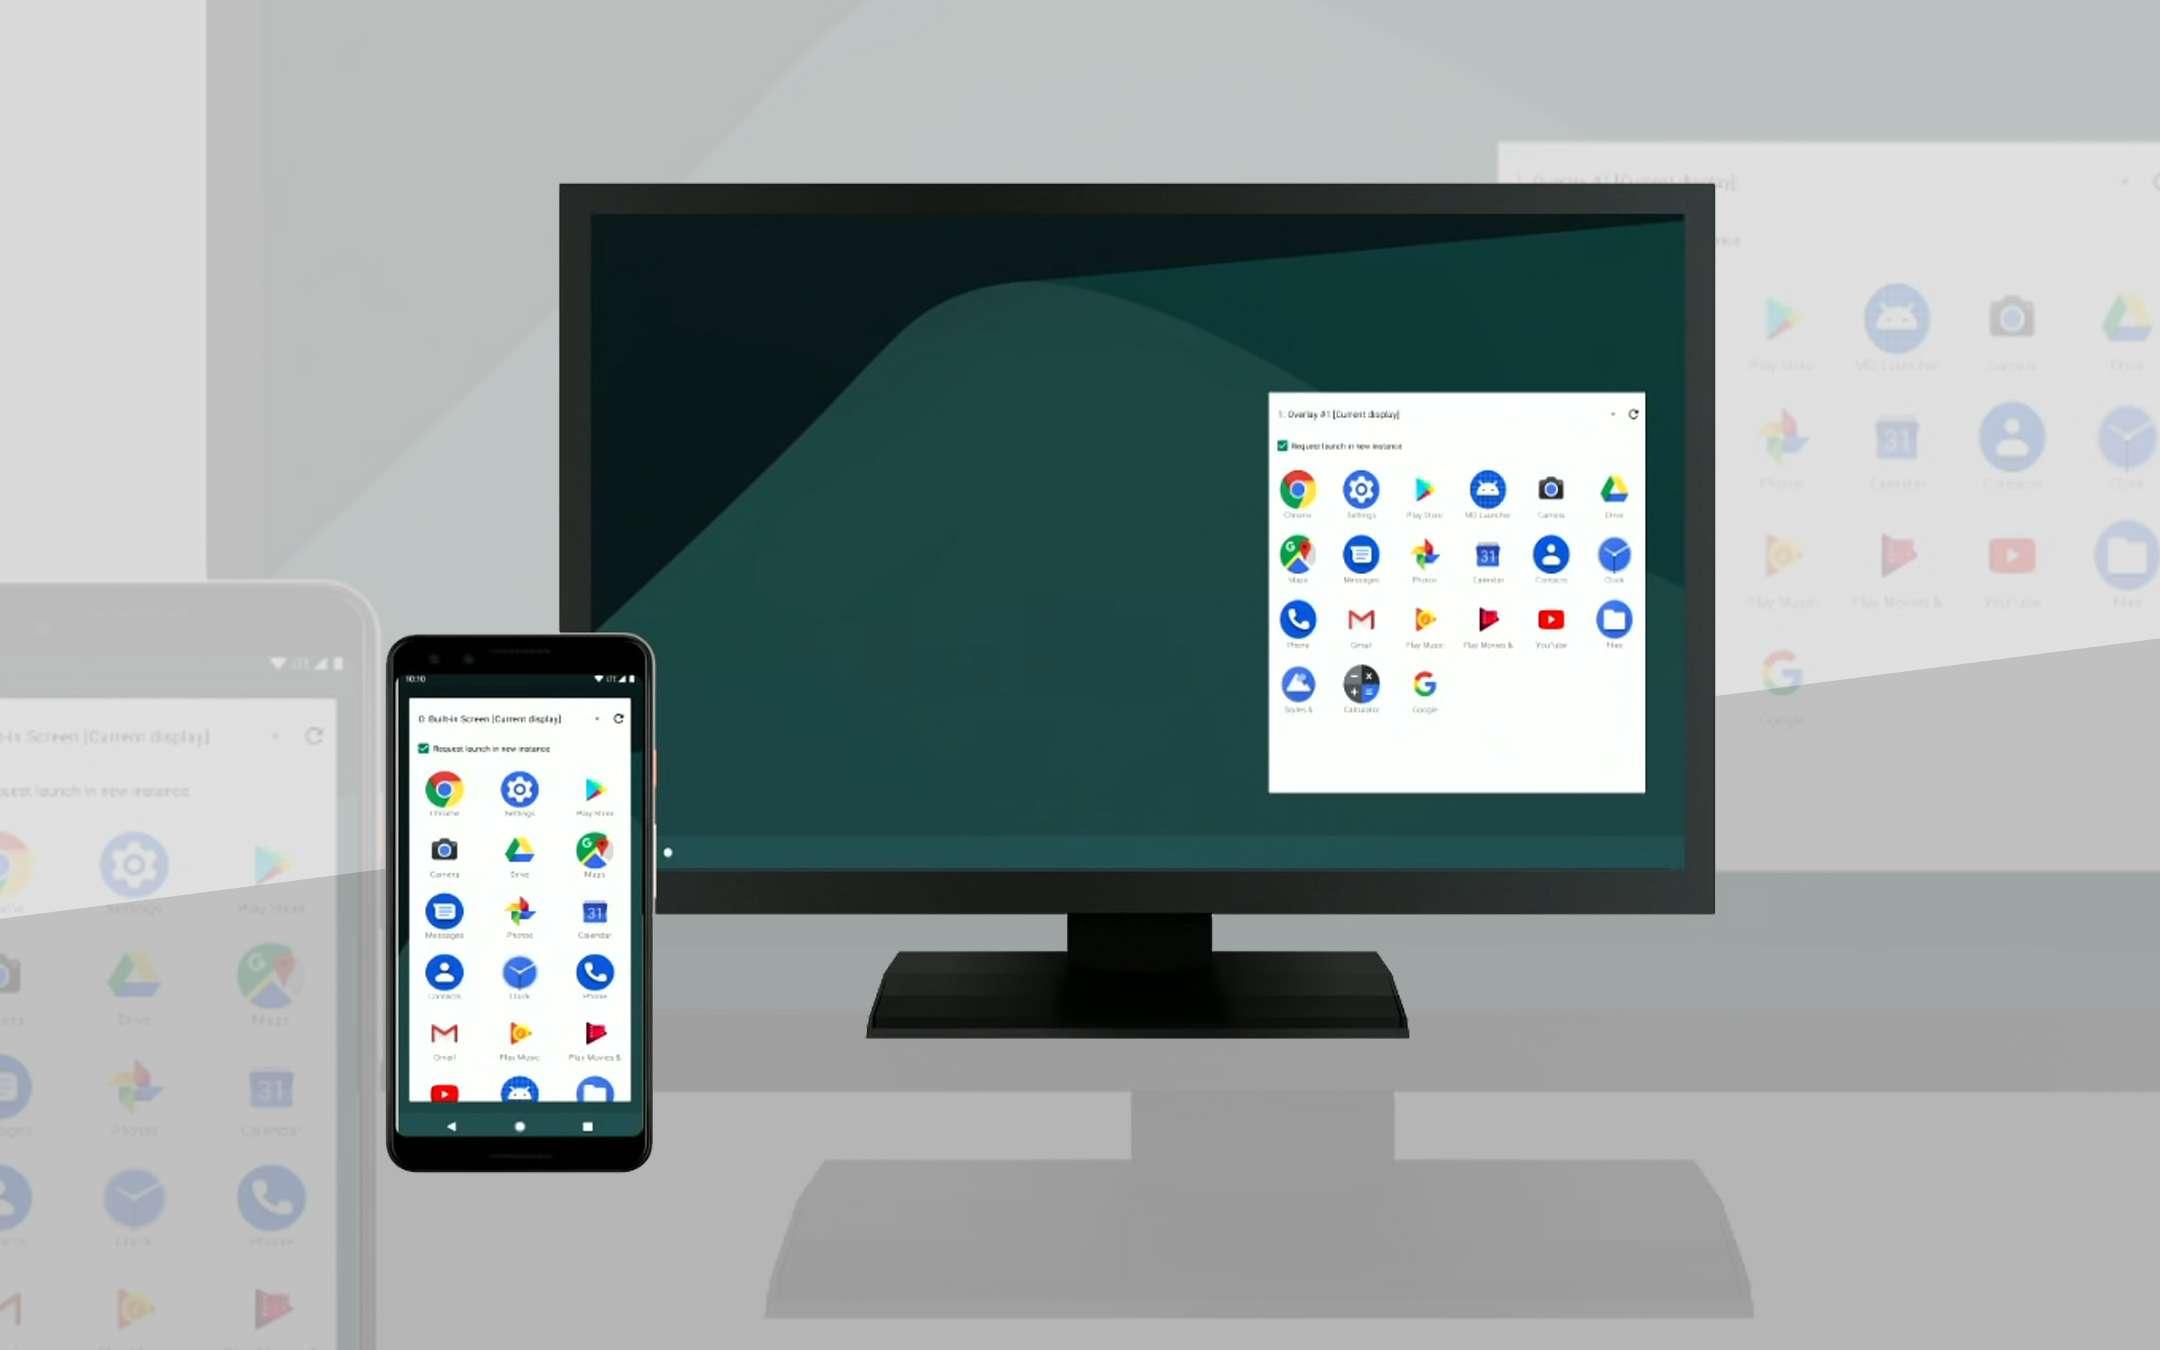 Desktops, laptops and workstations dominate 2020